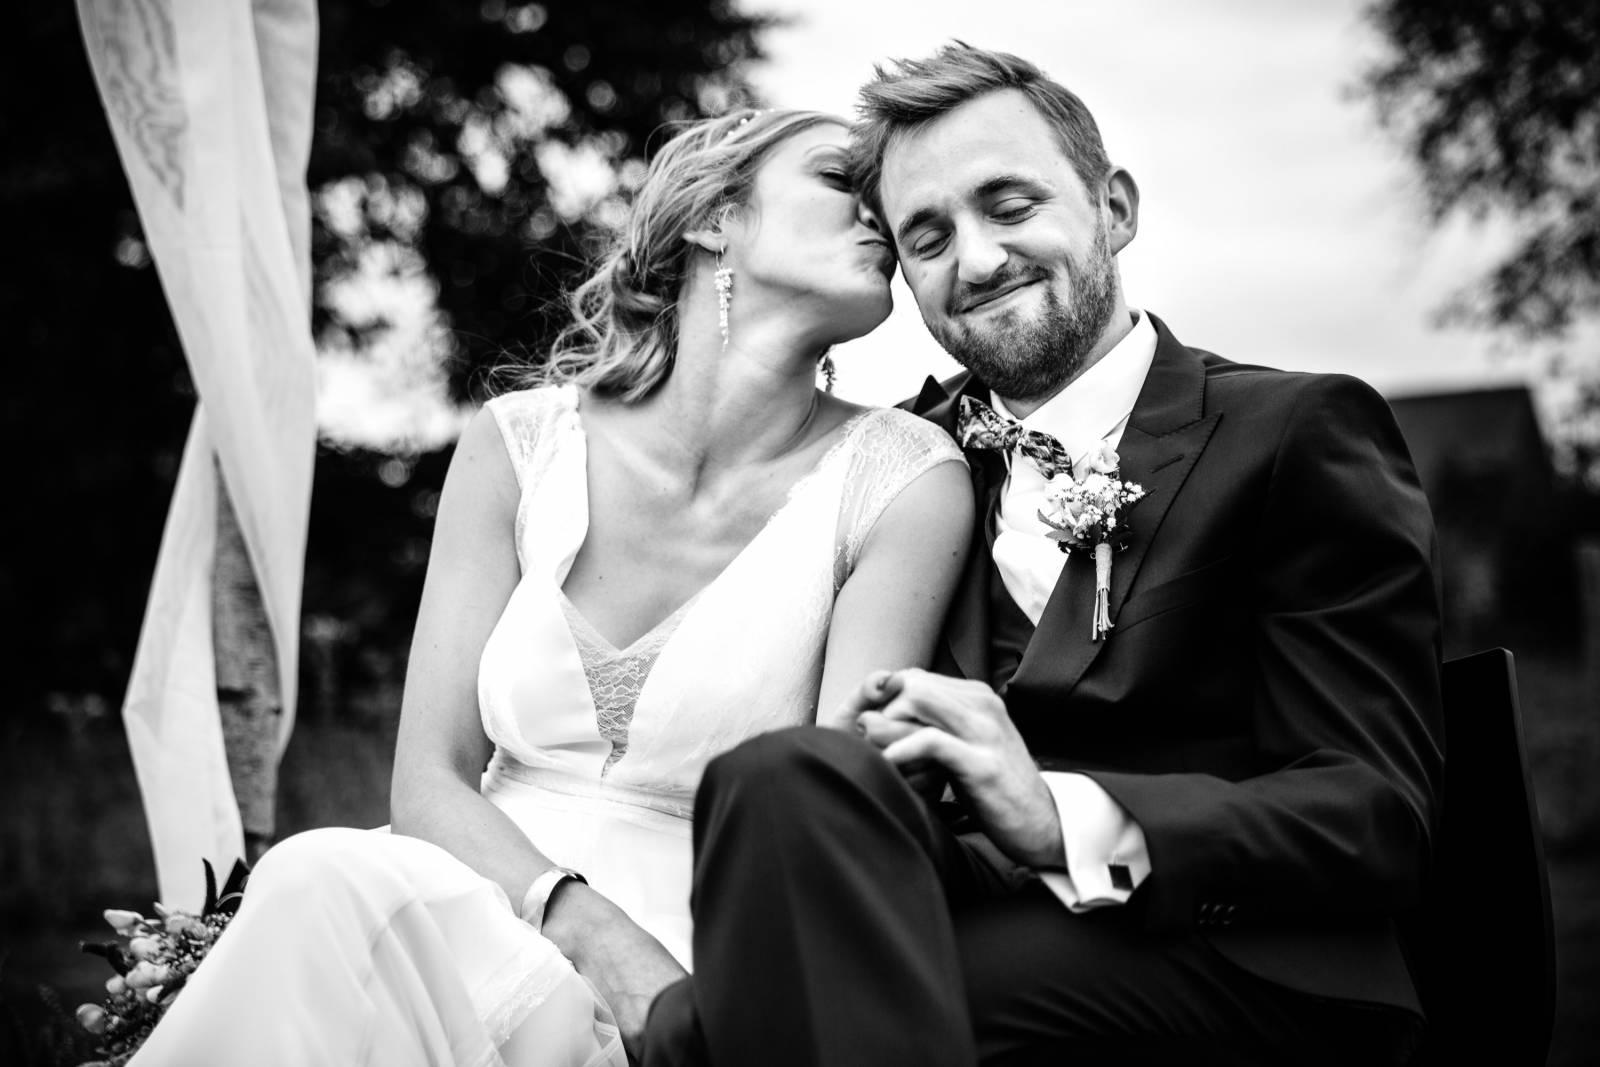 Yves Schepers Photography - Fotograaf - Huwelijksfotograaf - Trouwfotograaf - Bruidsfotograaf - House of Weddings - 7